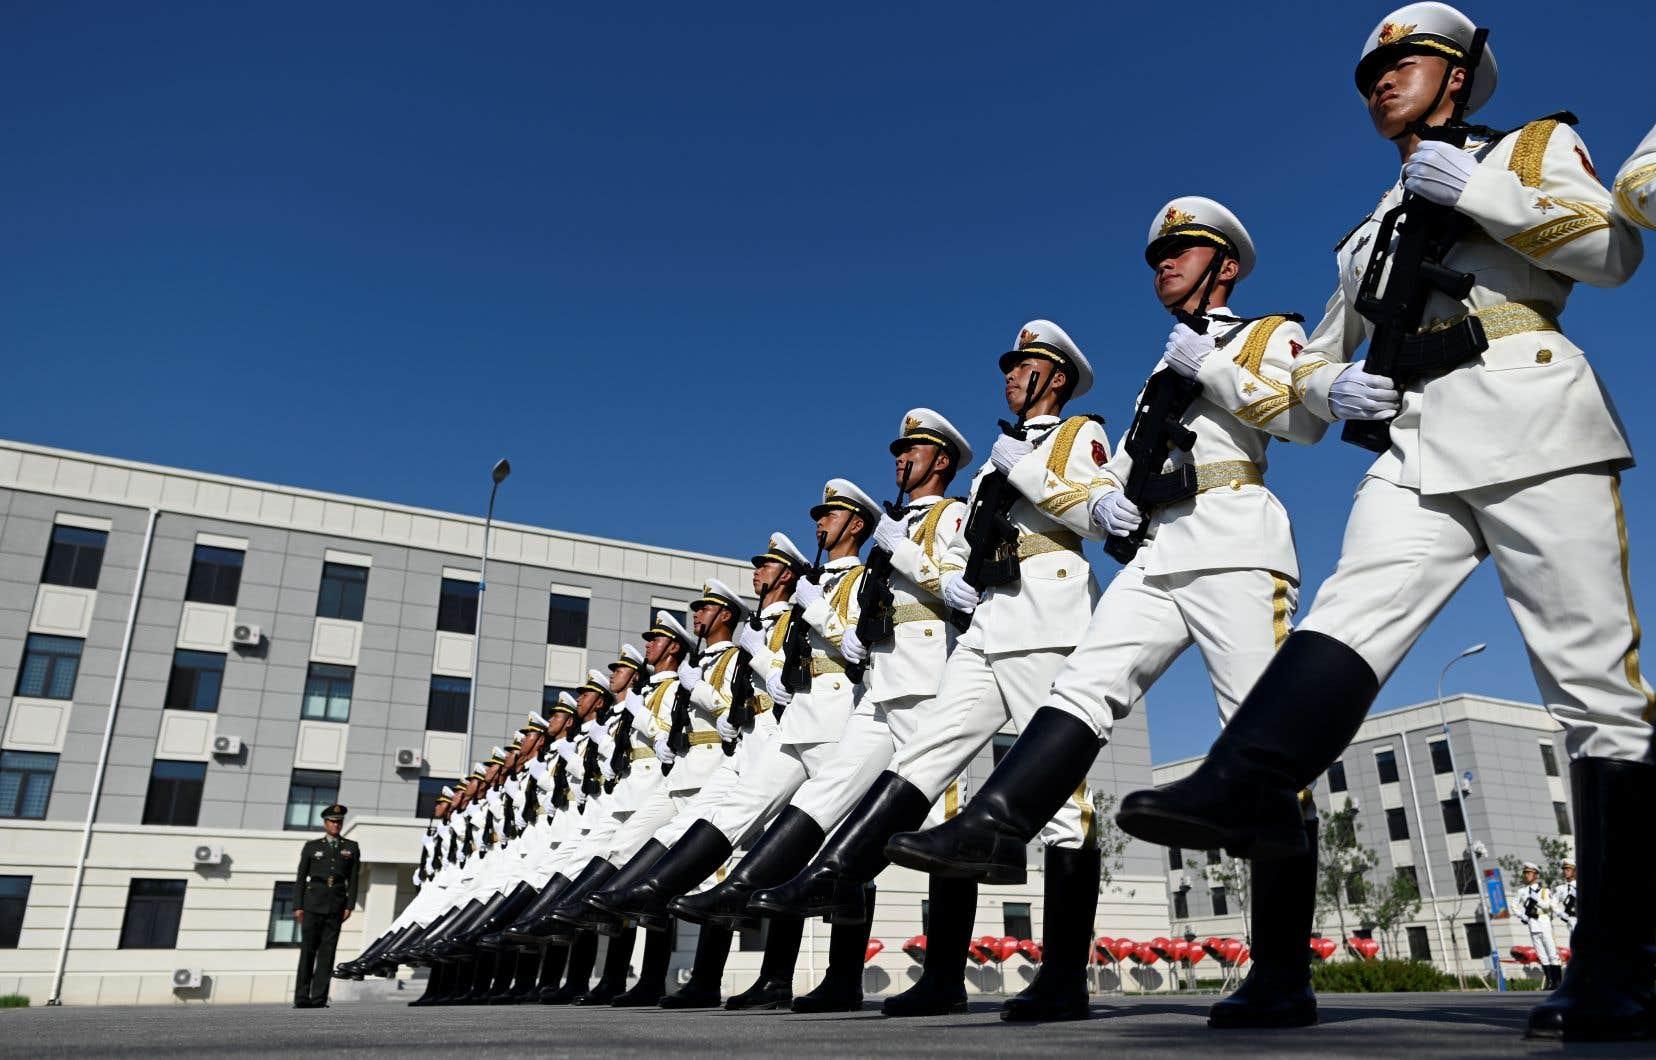 La discipline des soldats marchant au pas de l'oie devrait aussi refléter l'autorité renforcée du Parti communiste chinois (PCC) depuis l'arrivée au pouvoir de Xi Jinping en 2012.